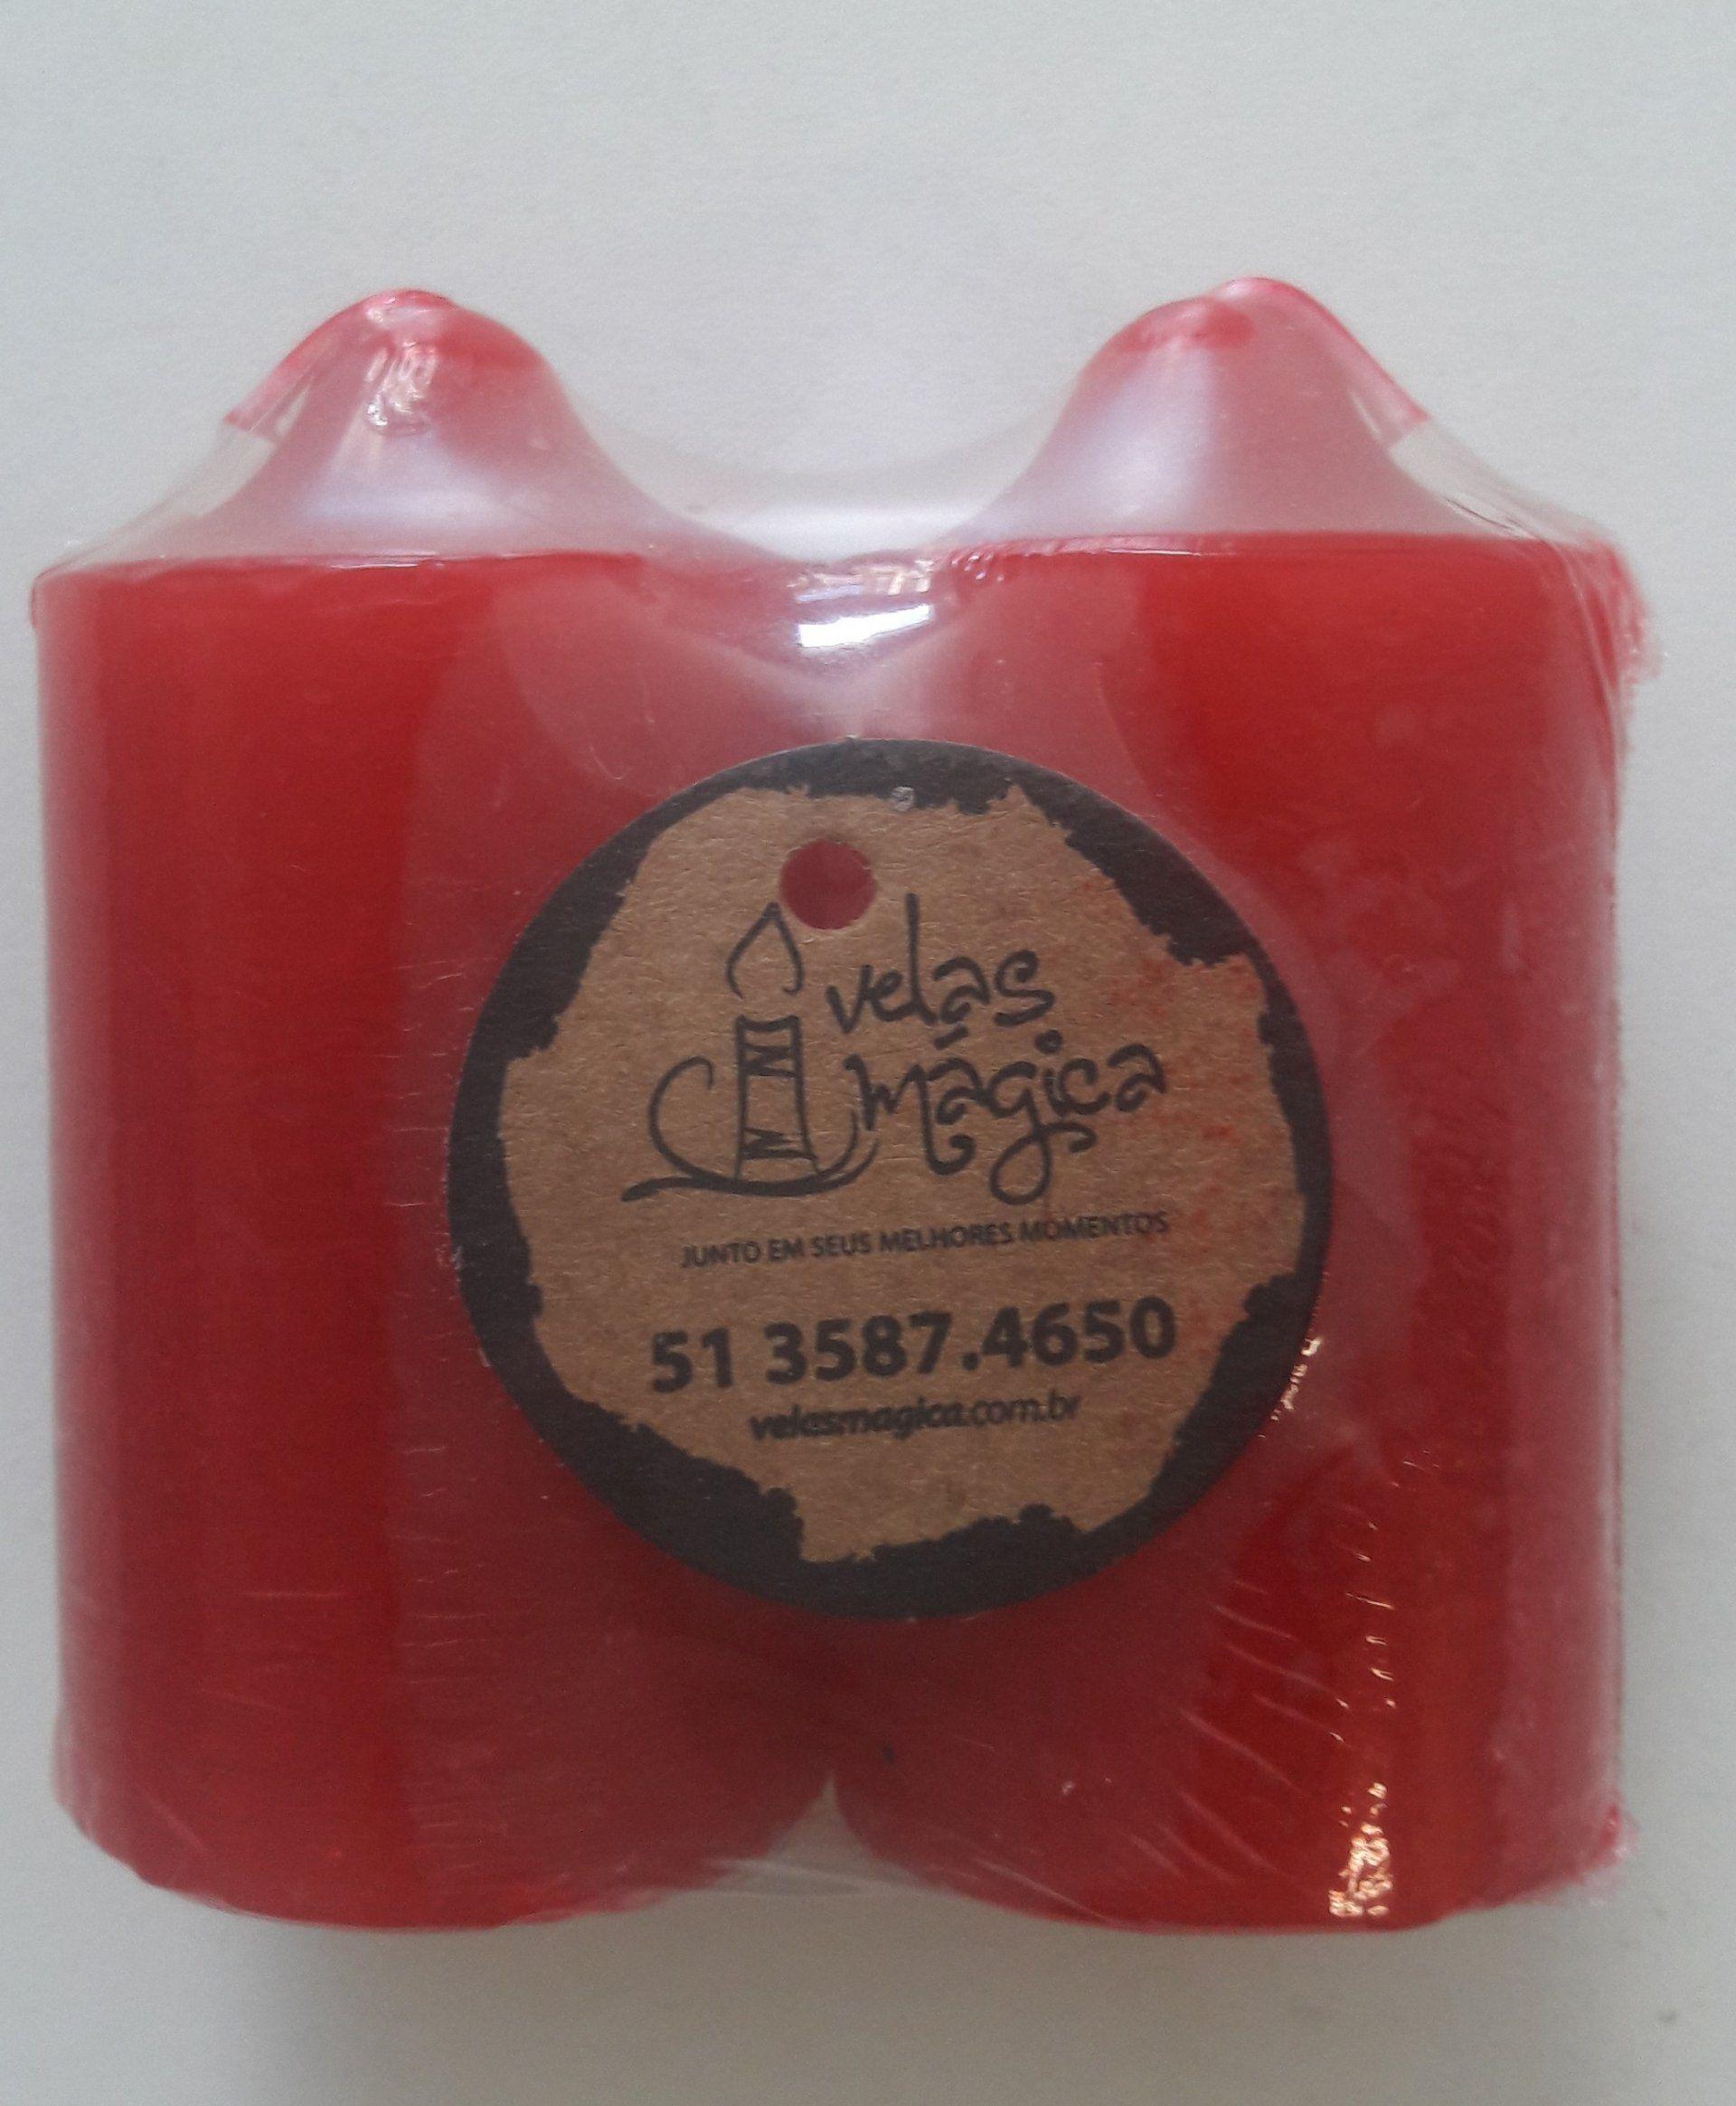 Velas Richo c/ 2 Toco Pequena Vermelho